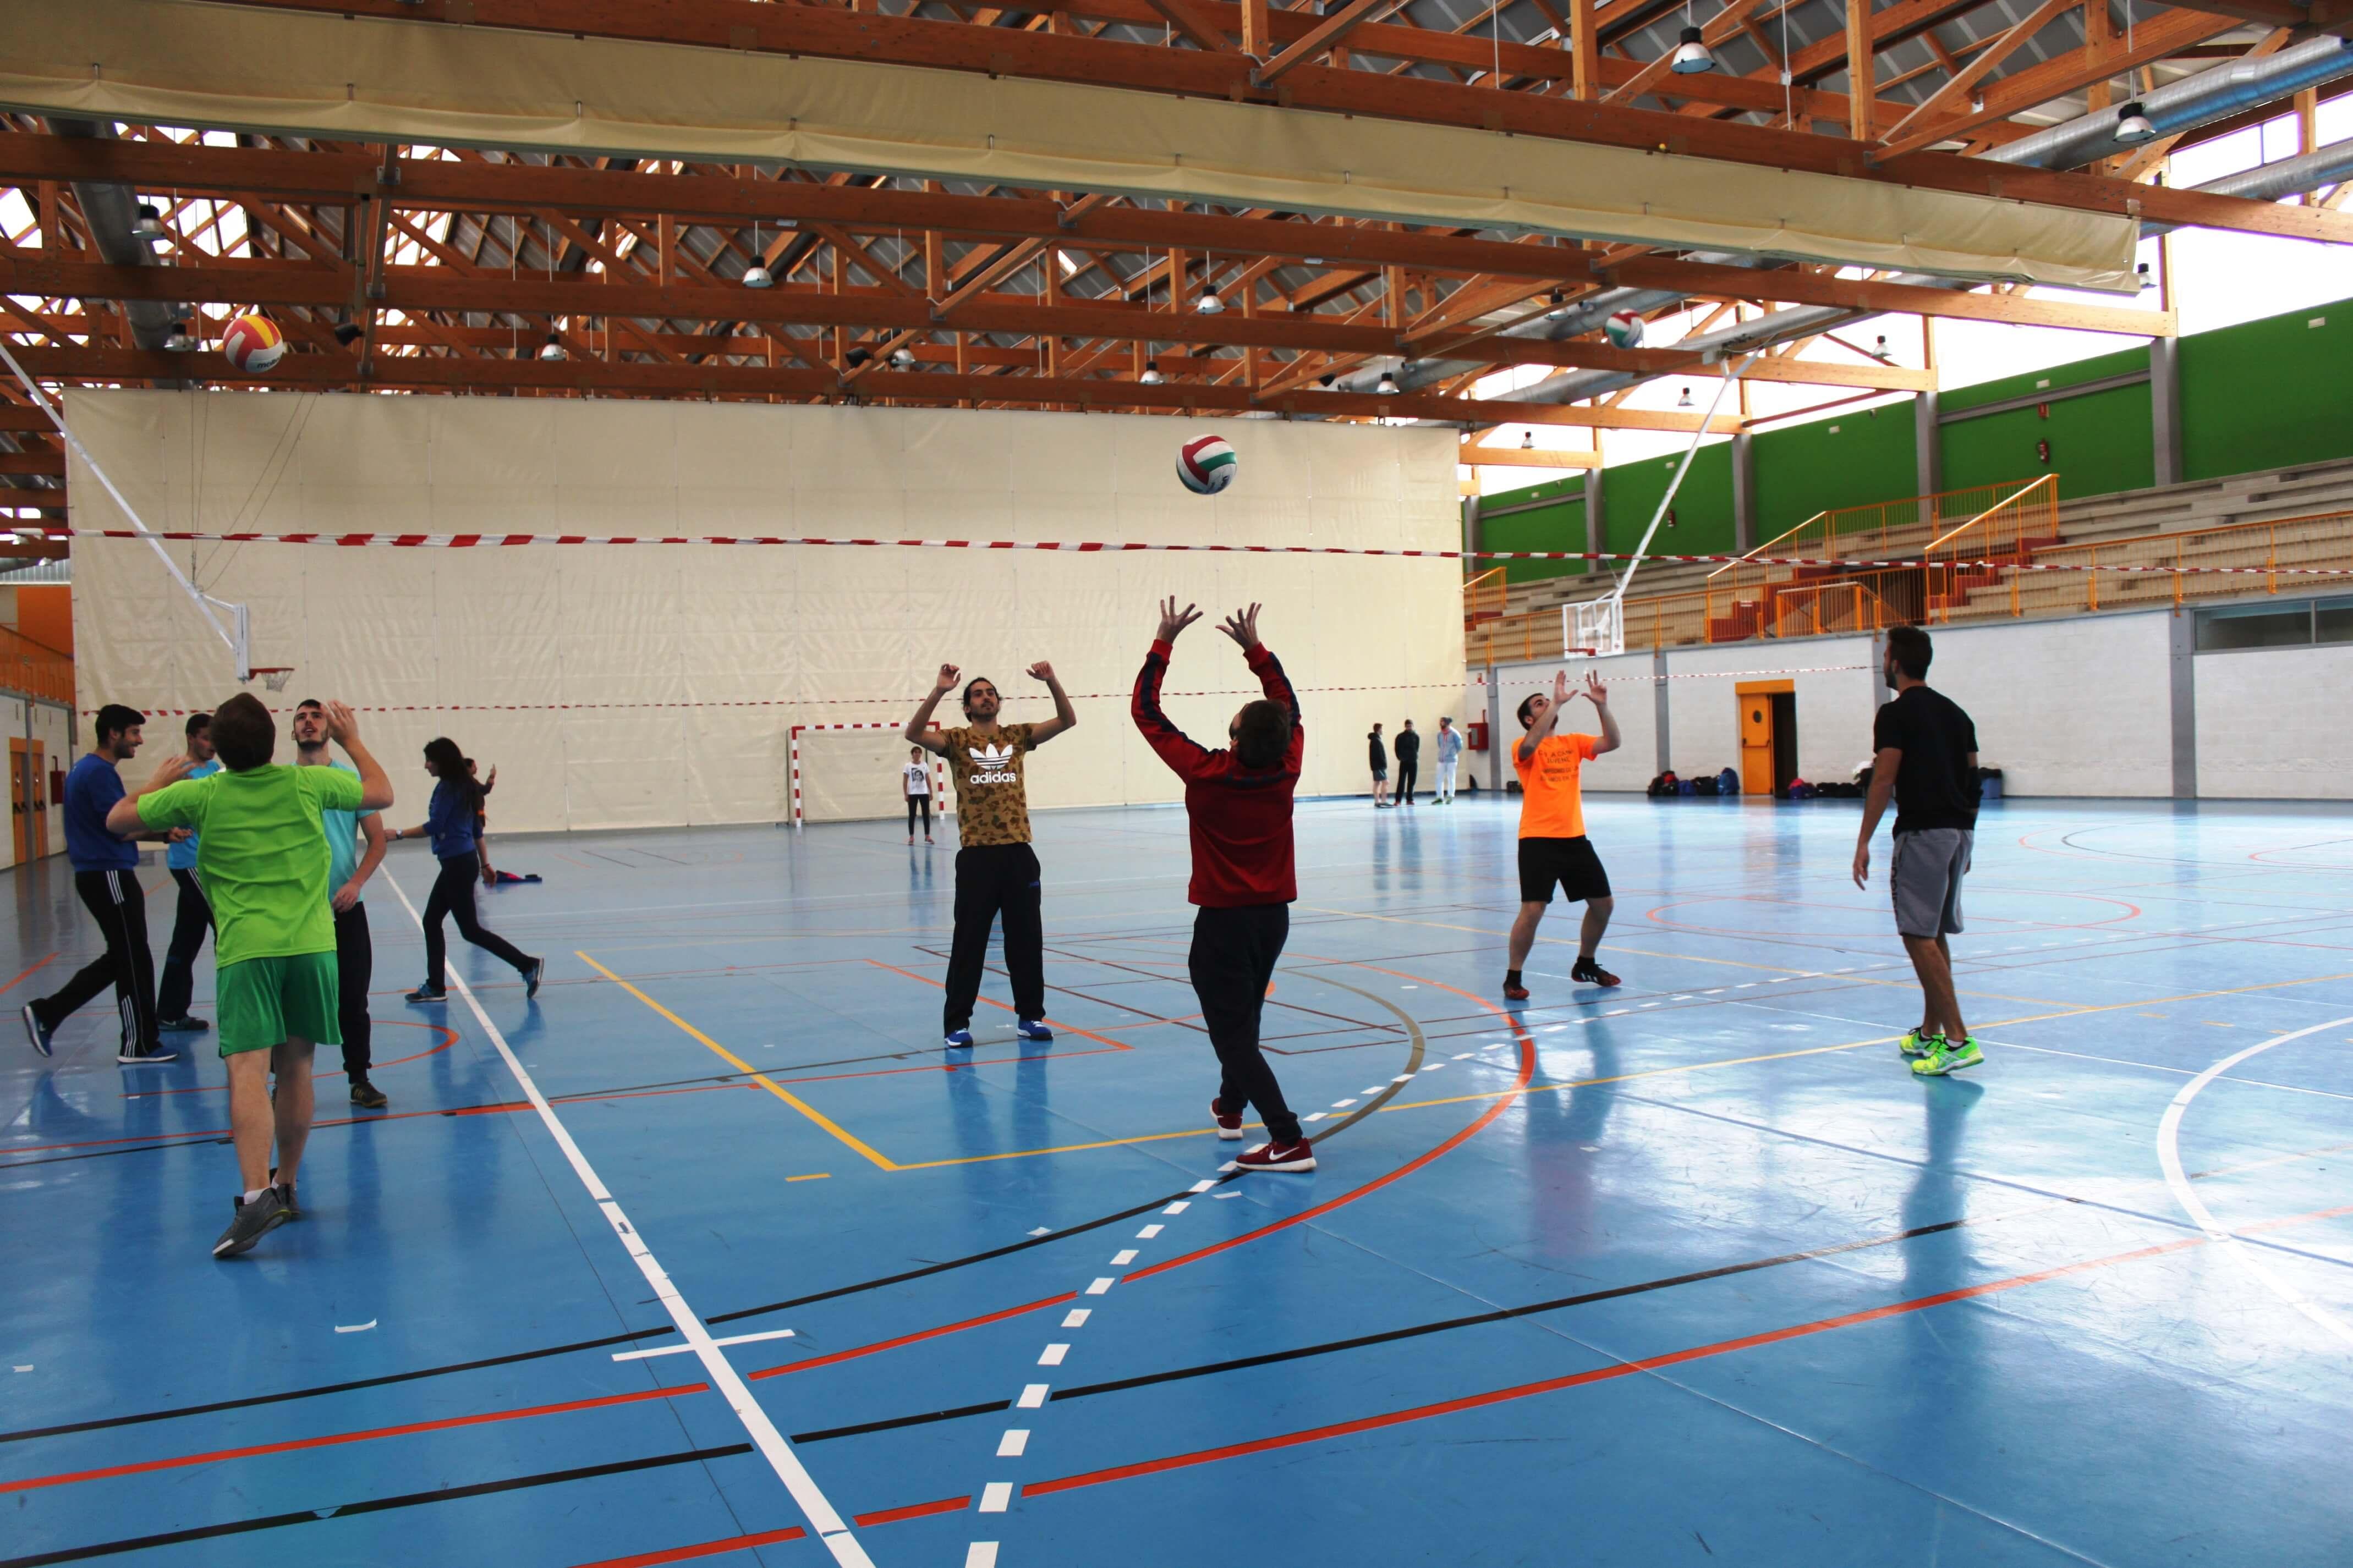 facultad de ciencias de la actividad fisica y el deporte: